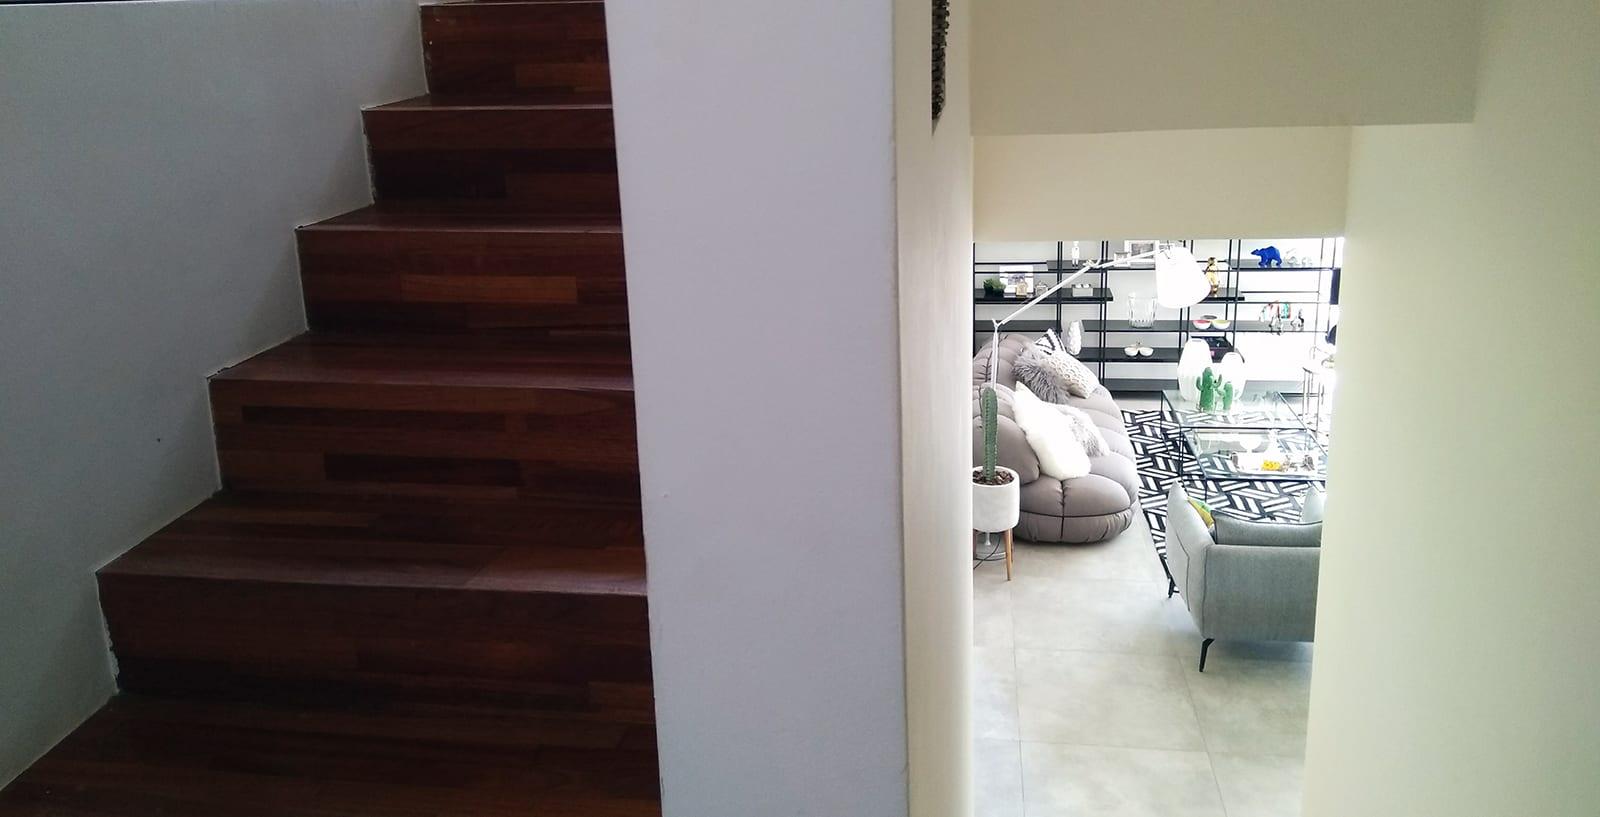 בית למכירה בקדימה בכפר - סטייל ועיצוב ברמה גבוהה